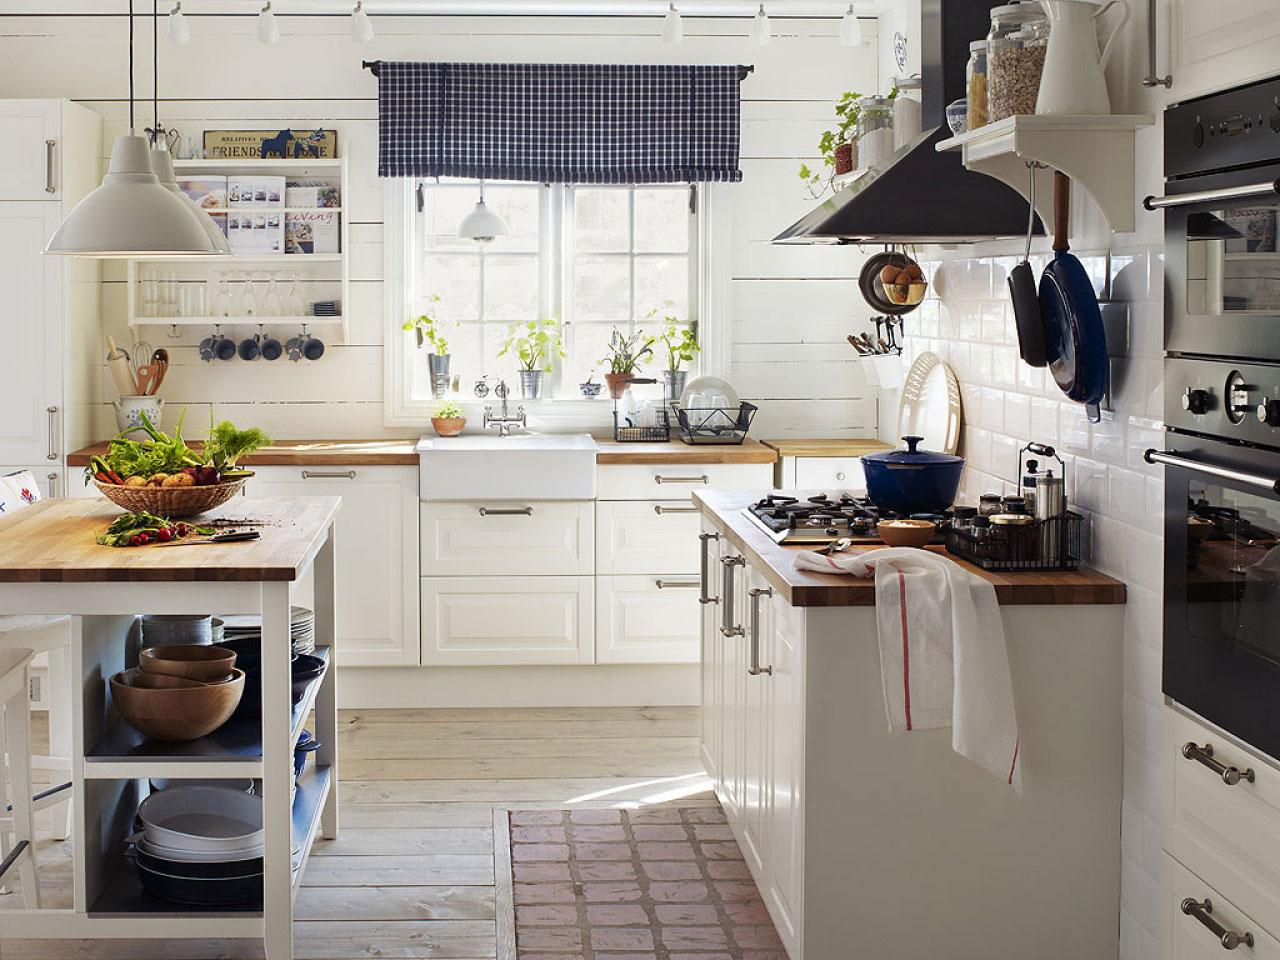 Белая кухня в стиле кантри с дворецкой раковиной - отличная идея для вашей кухни